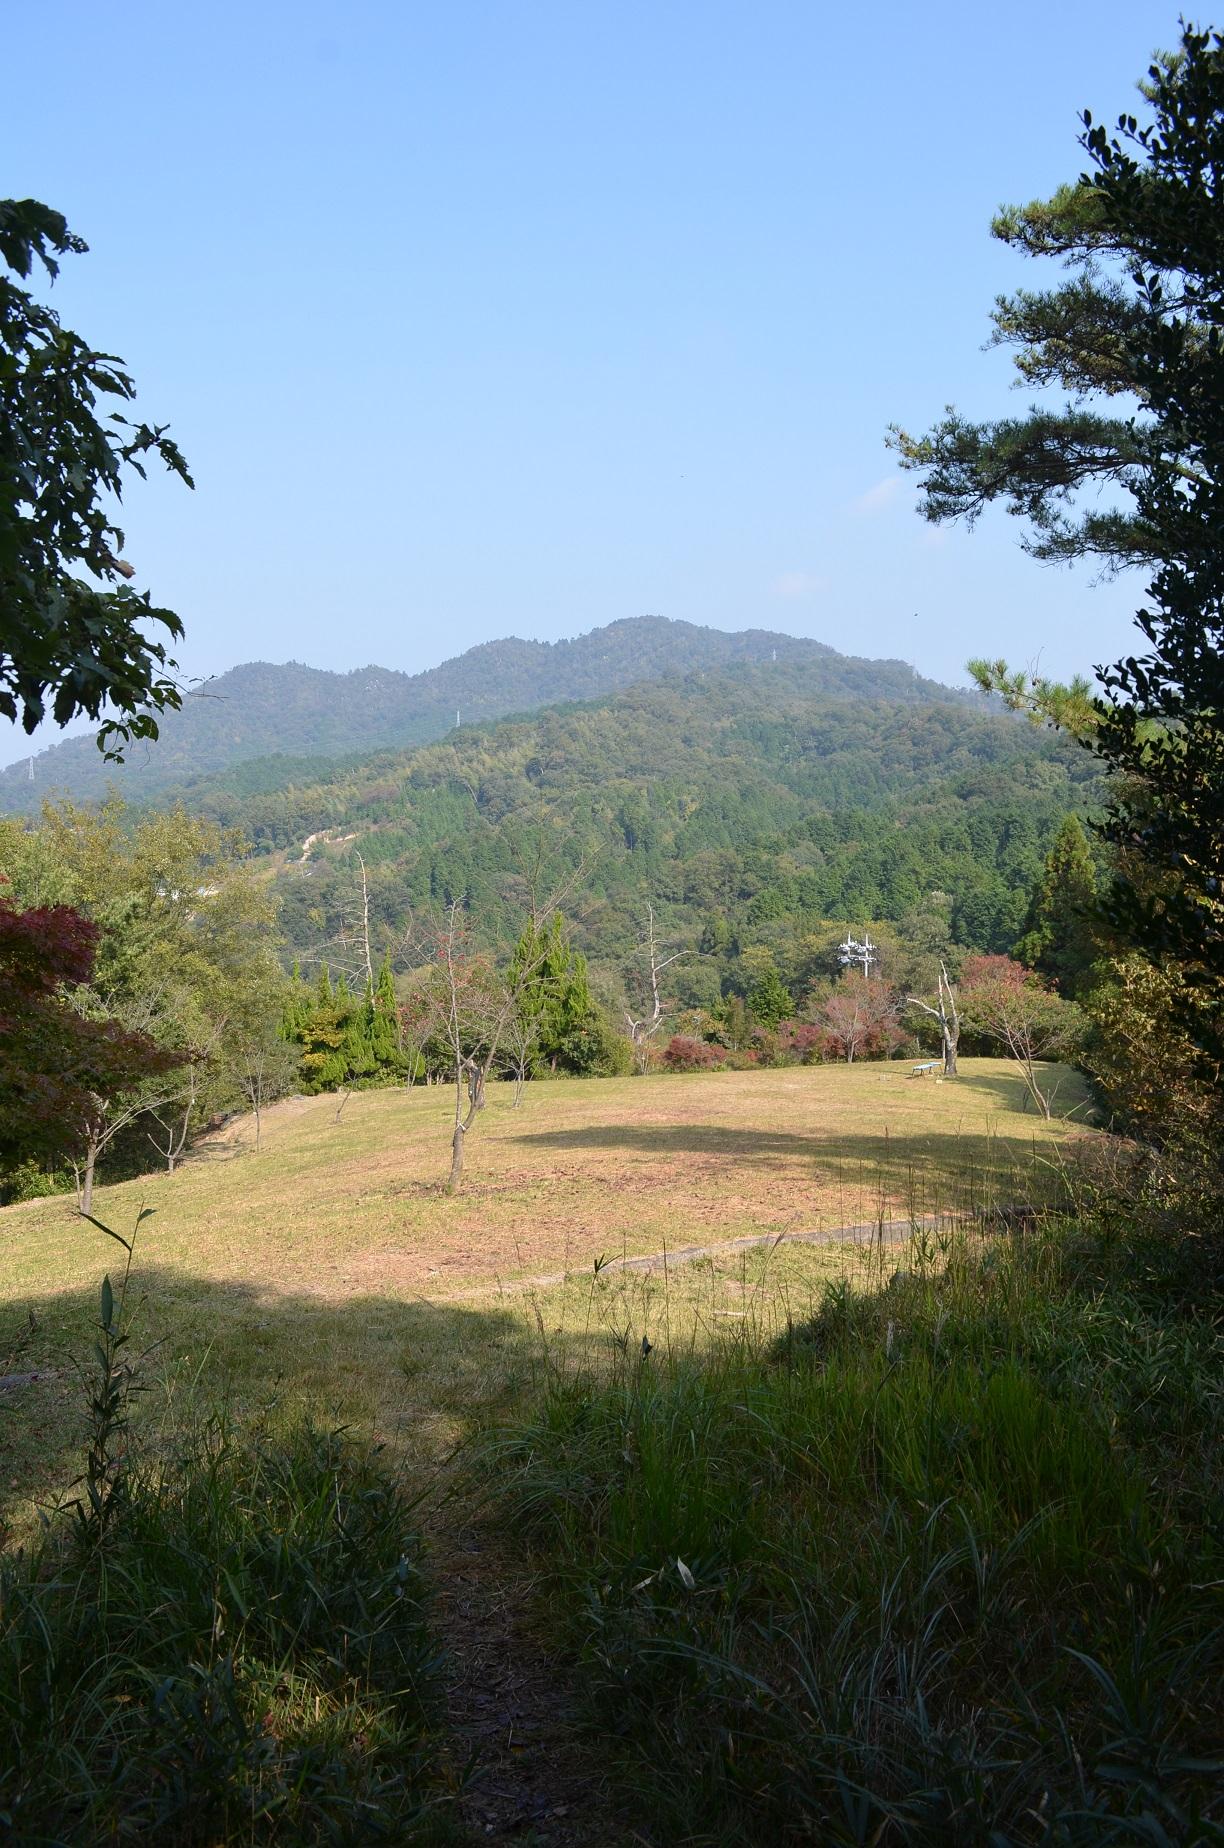 松笠山からの下り蝦蟇ヶ峠直前から二ヶ城山方面を望む